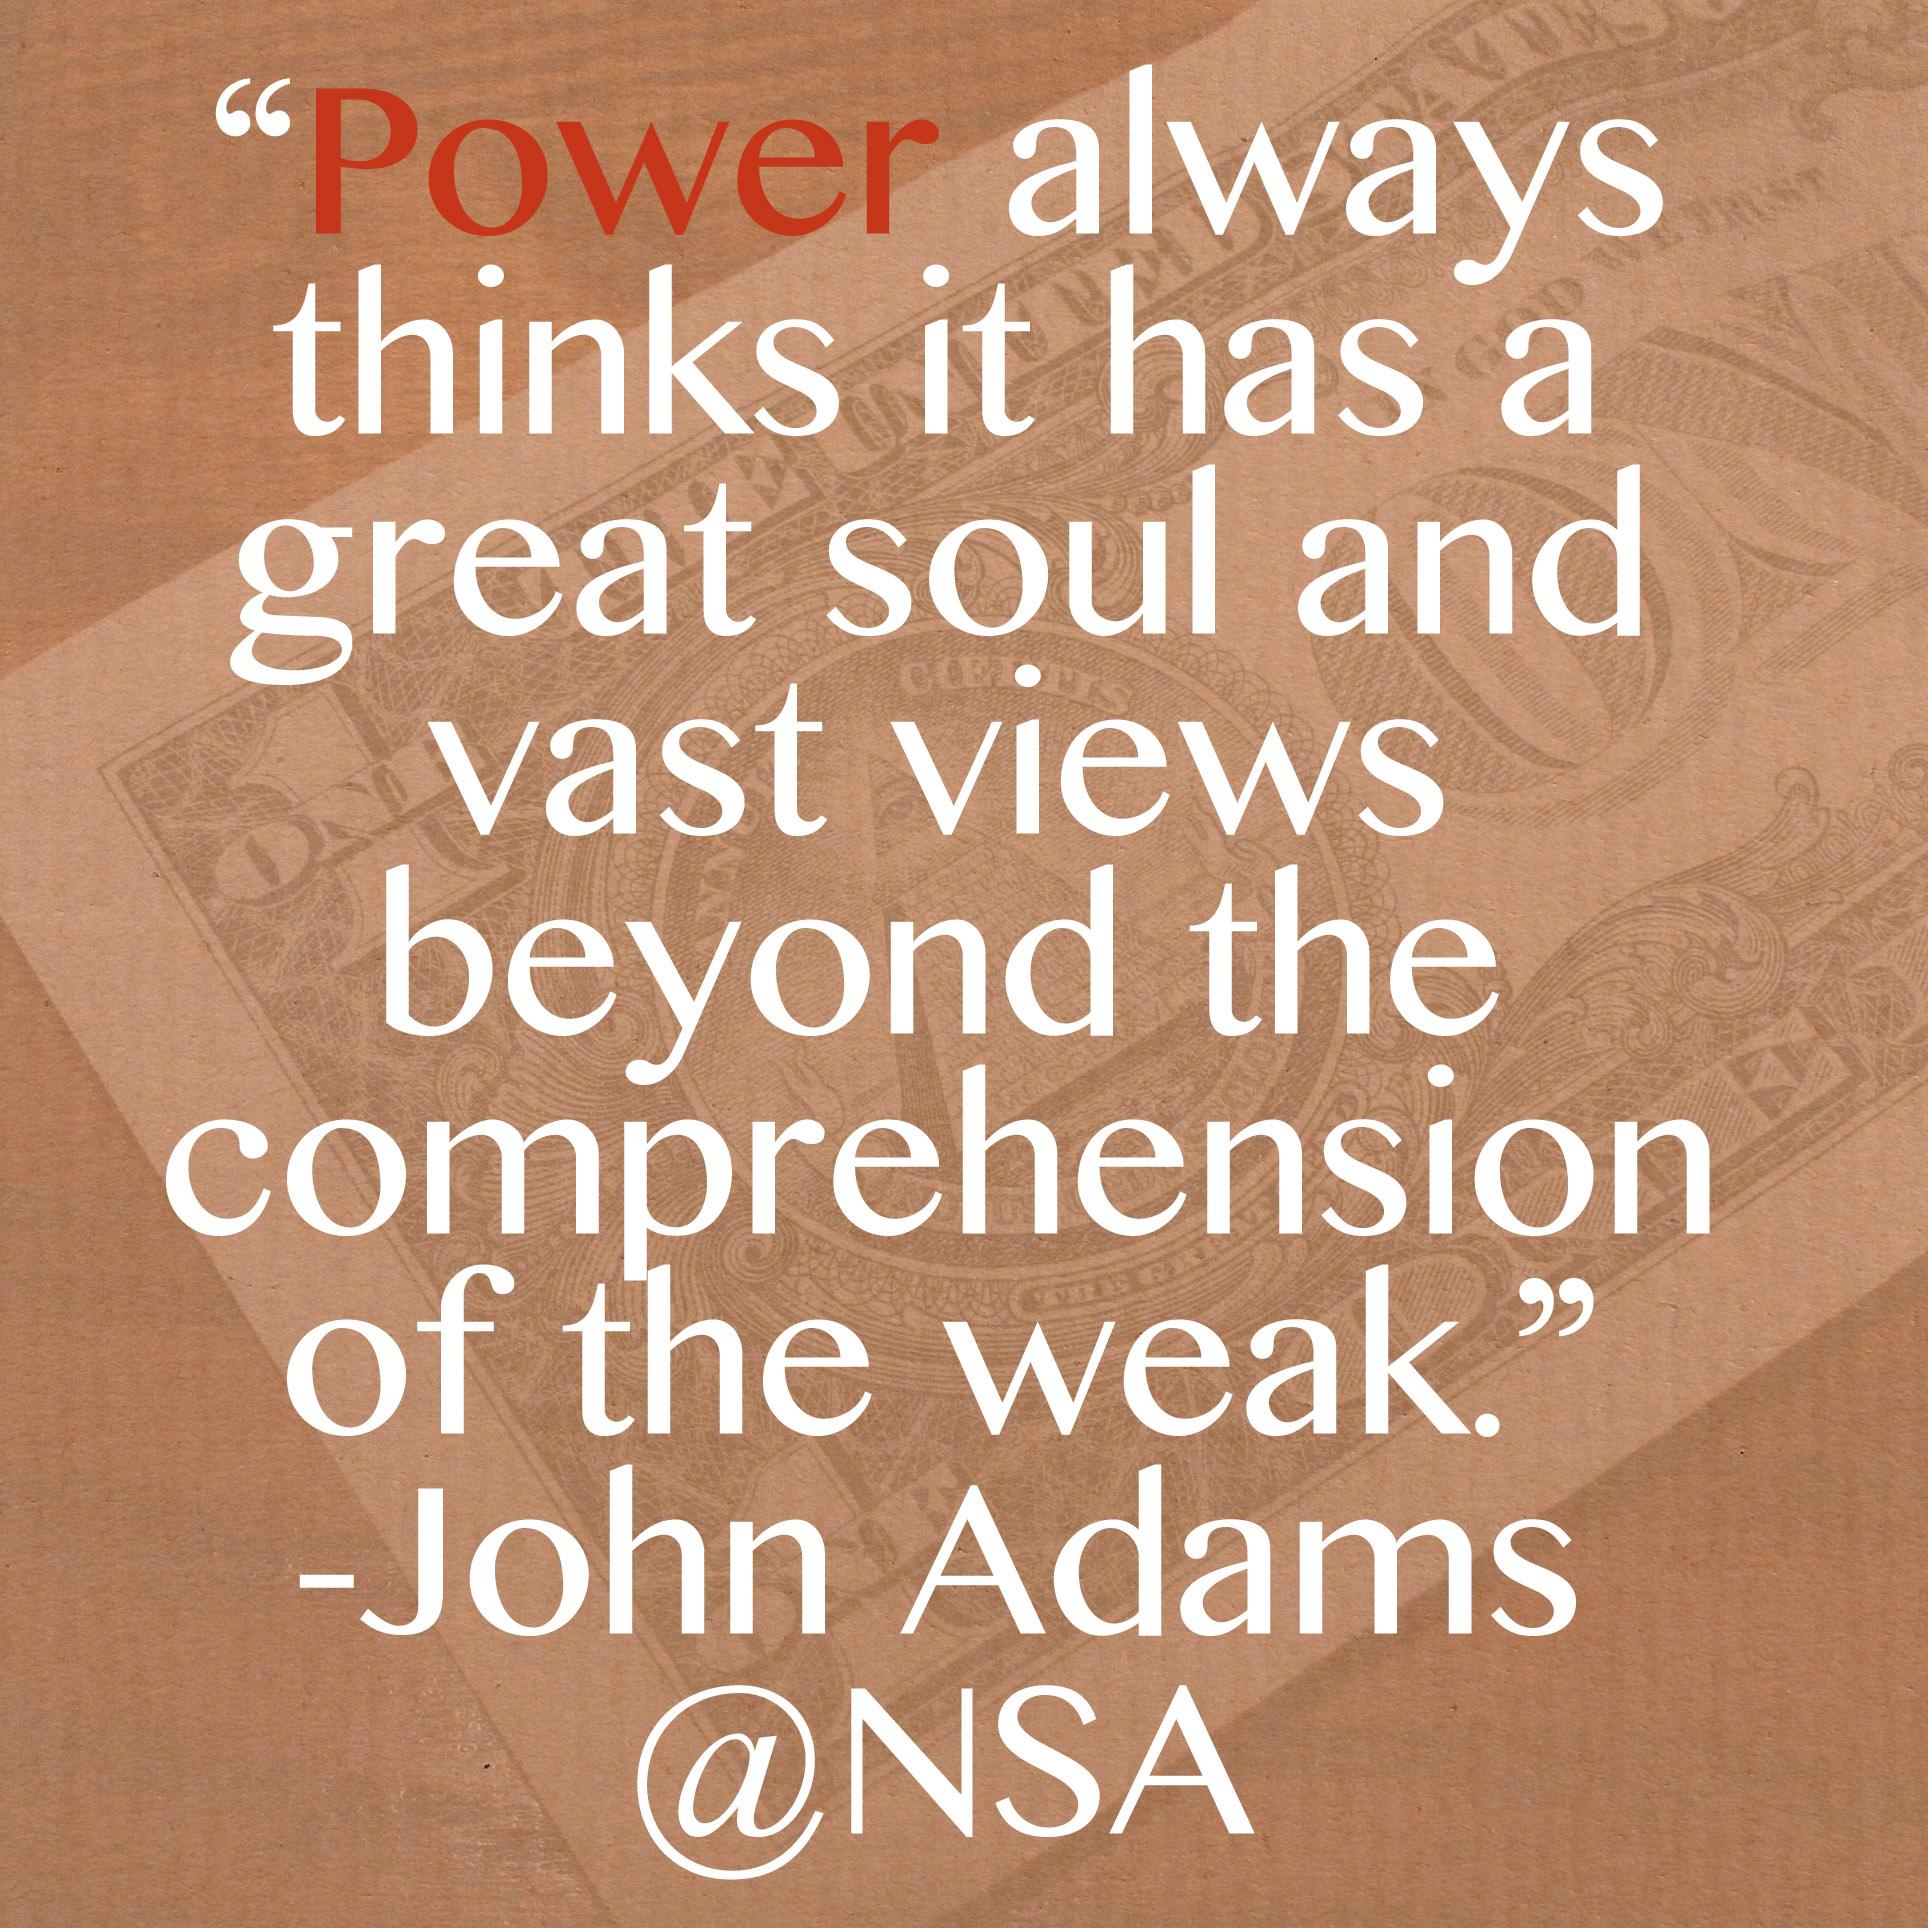 Samuel Adams Quotes: John Adams Patriot Quotes. QuotesGram